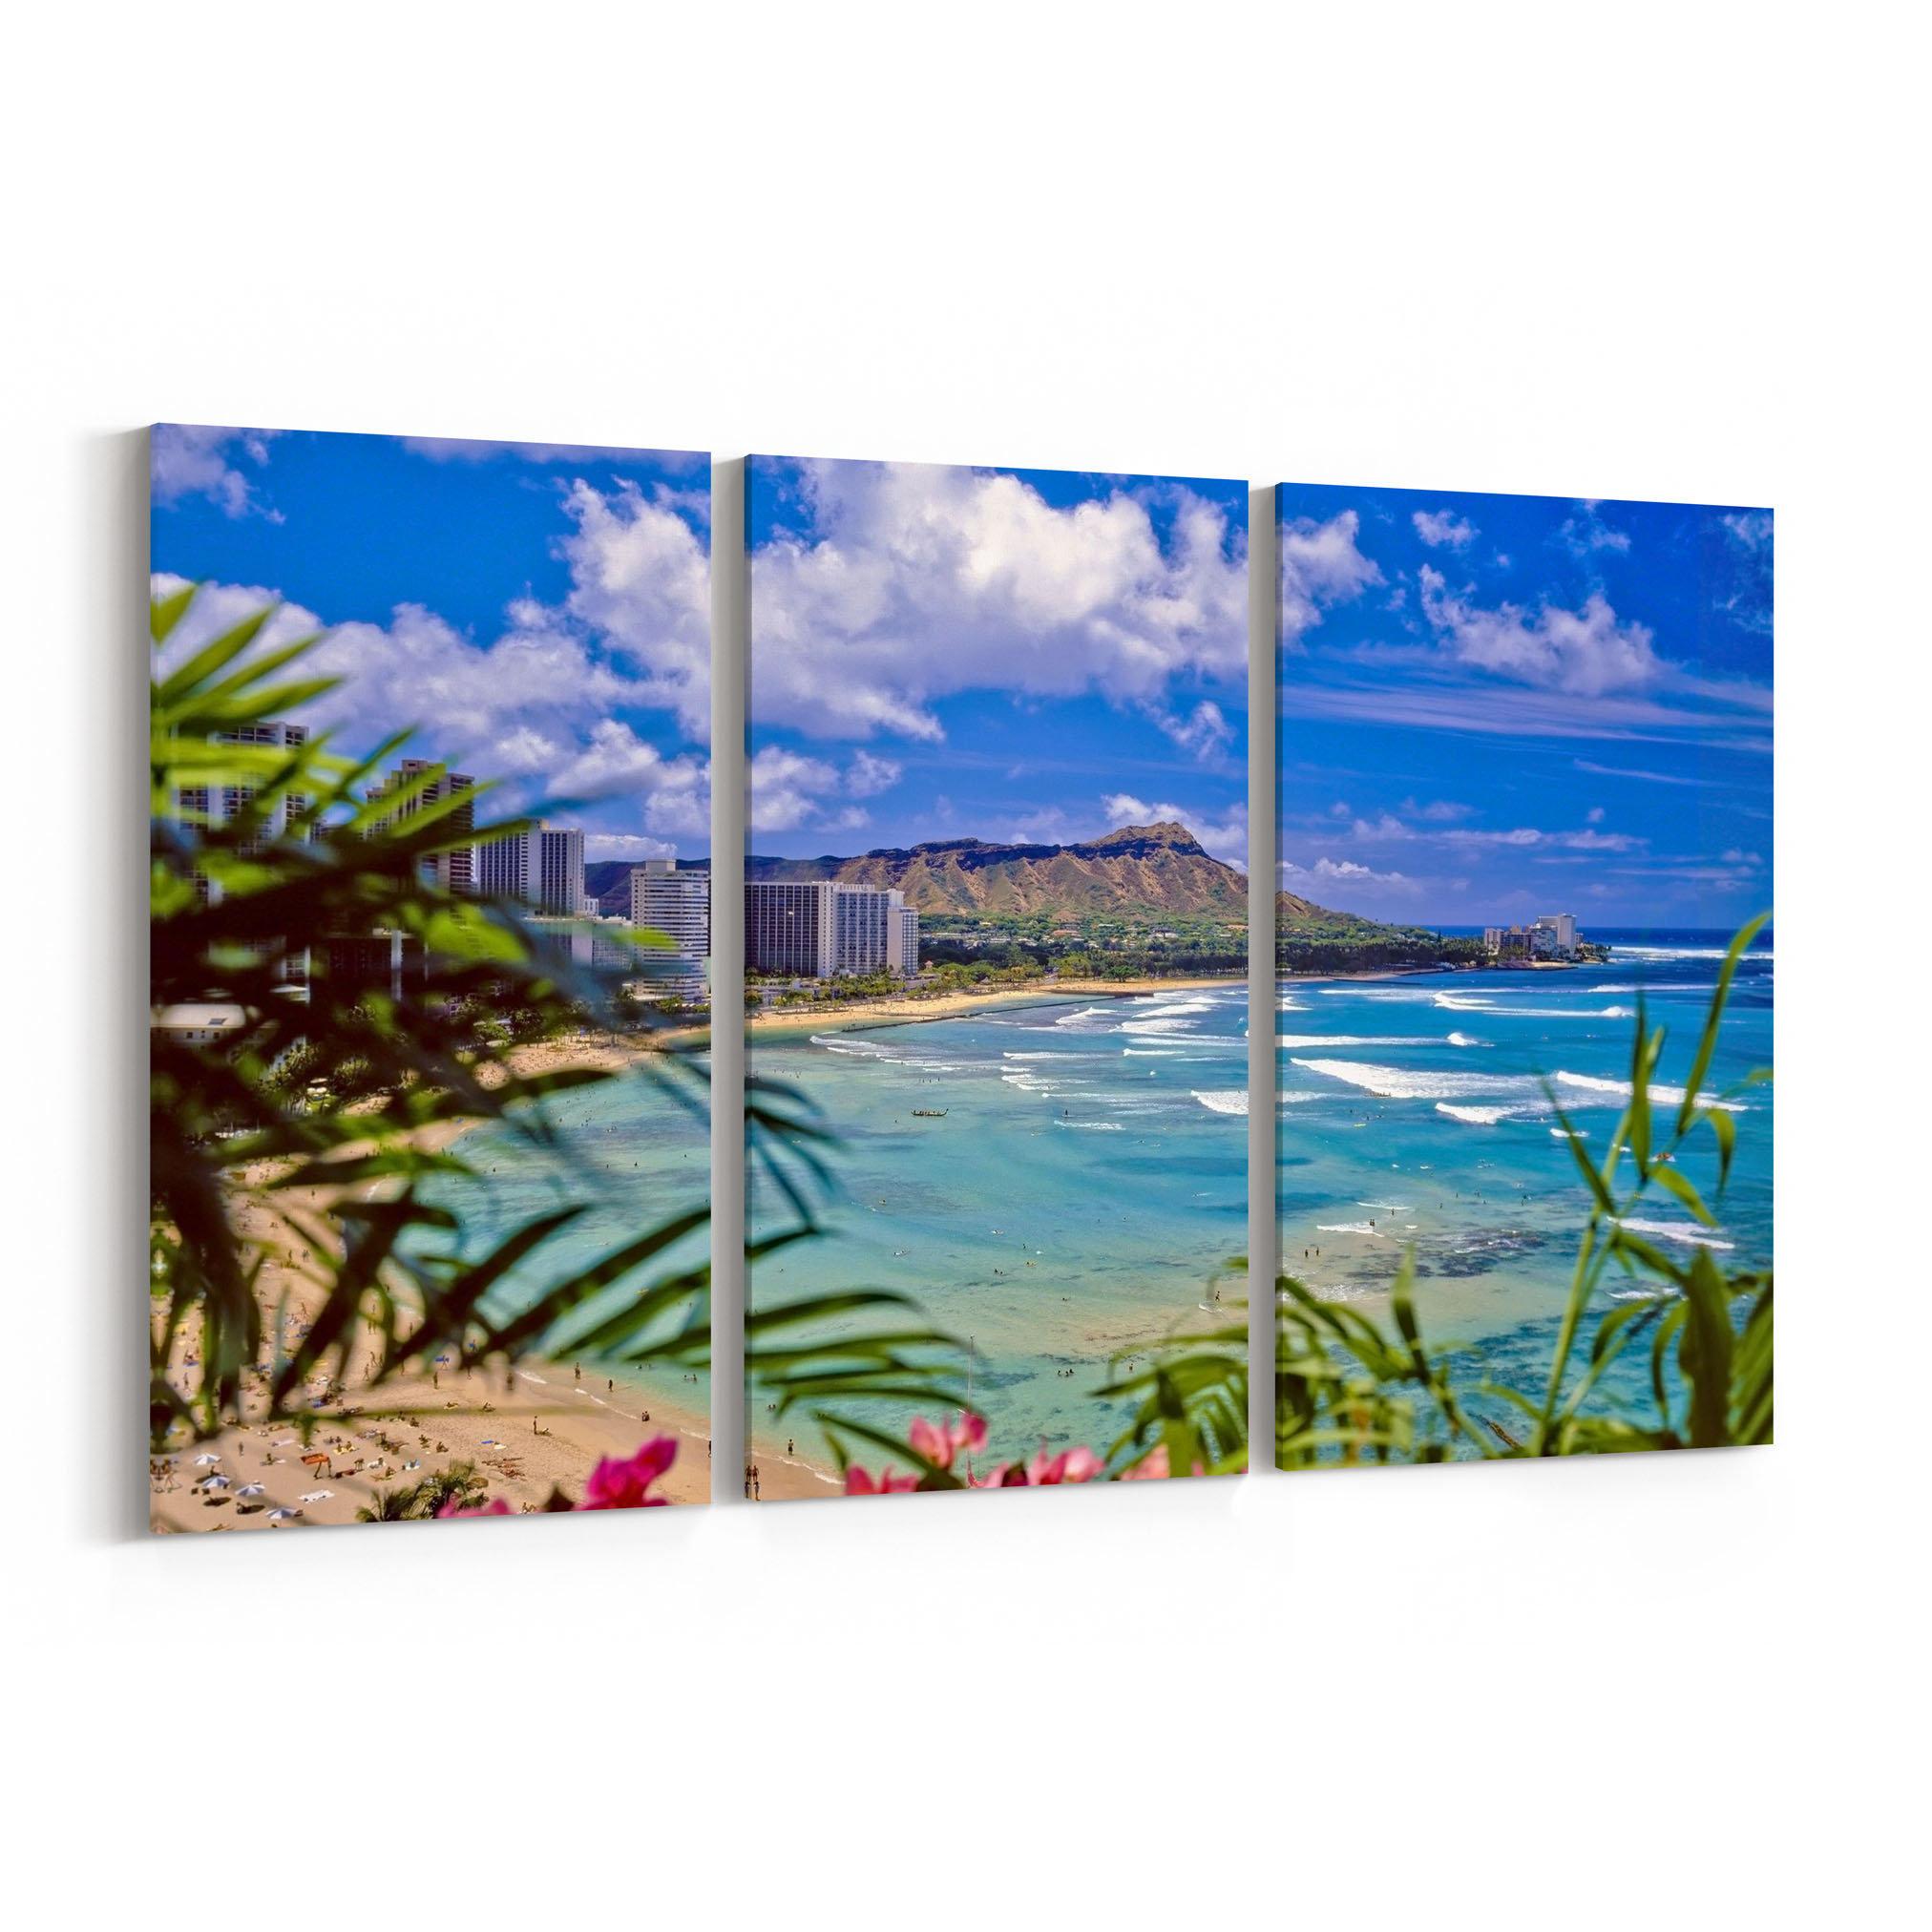 Waikiki Beach Skyline Wall Art Canvas Waikiki Beach Canvas Print 2024x2024